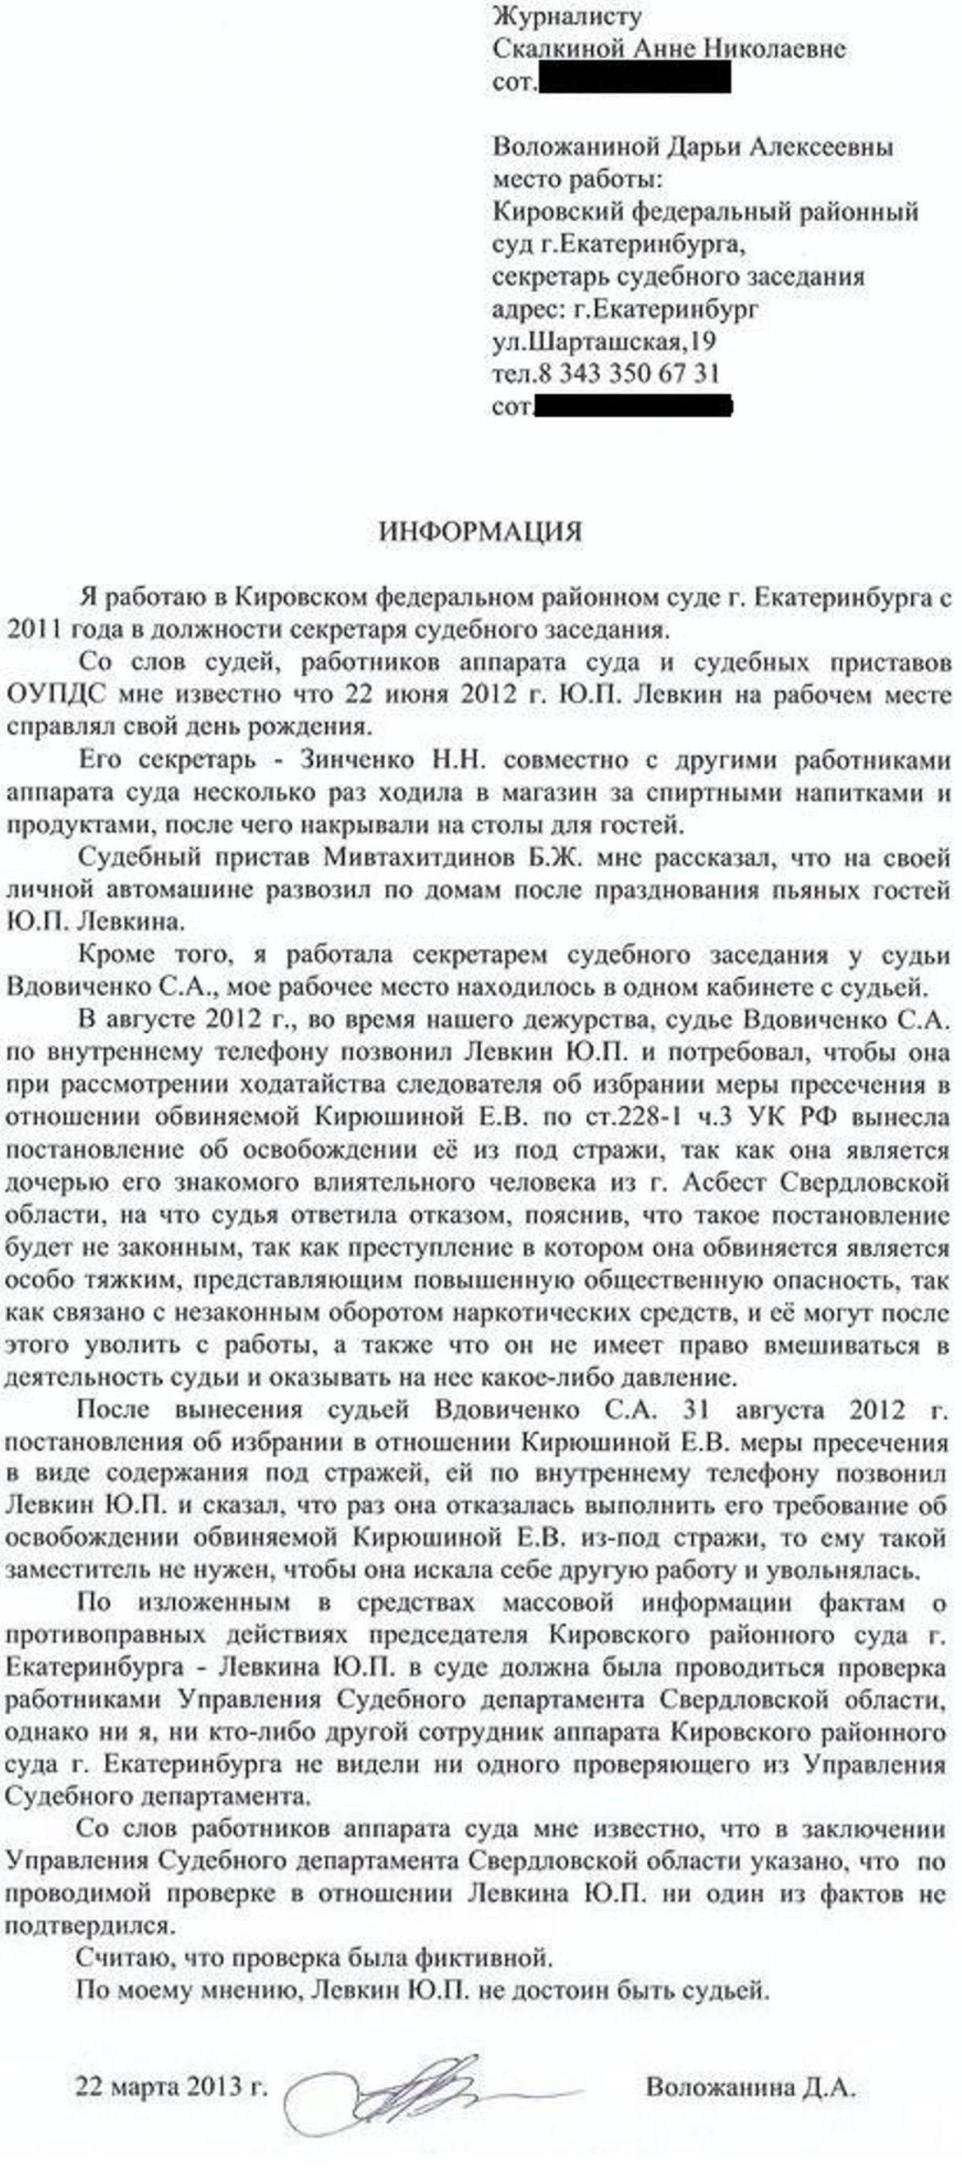 Коррупция суд Дементьев Левкин скандал Путин Бастрыкин